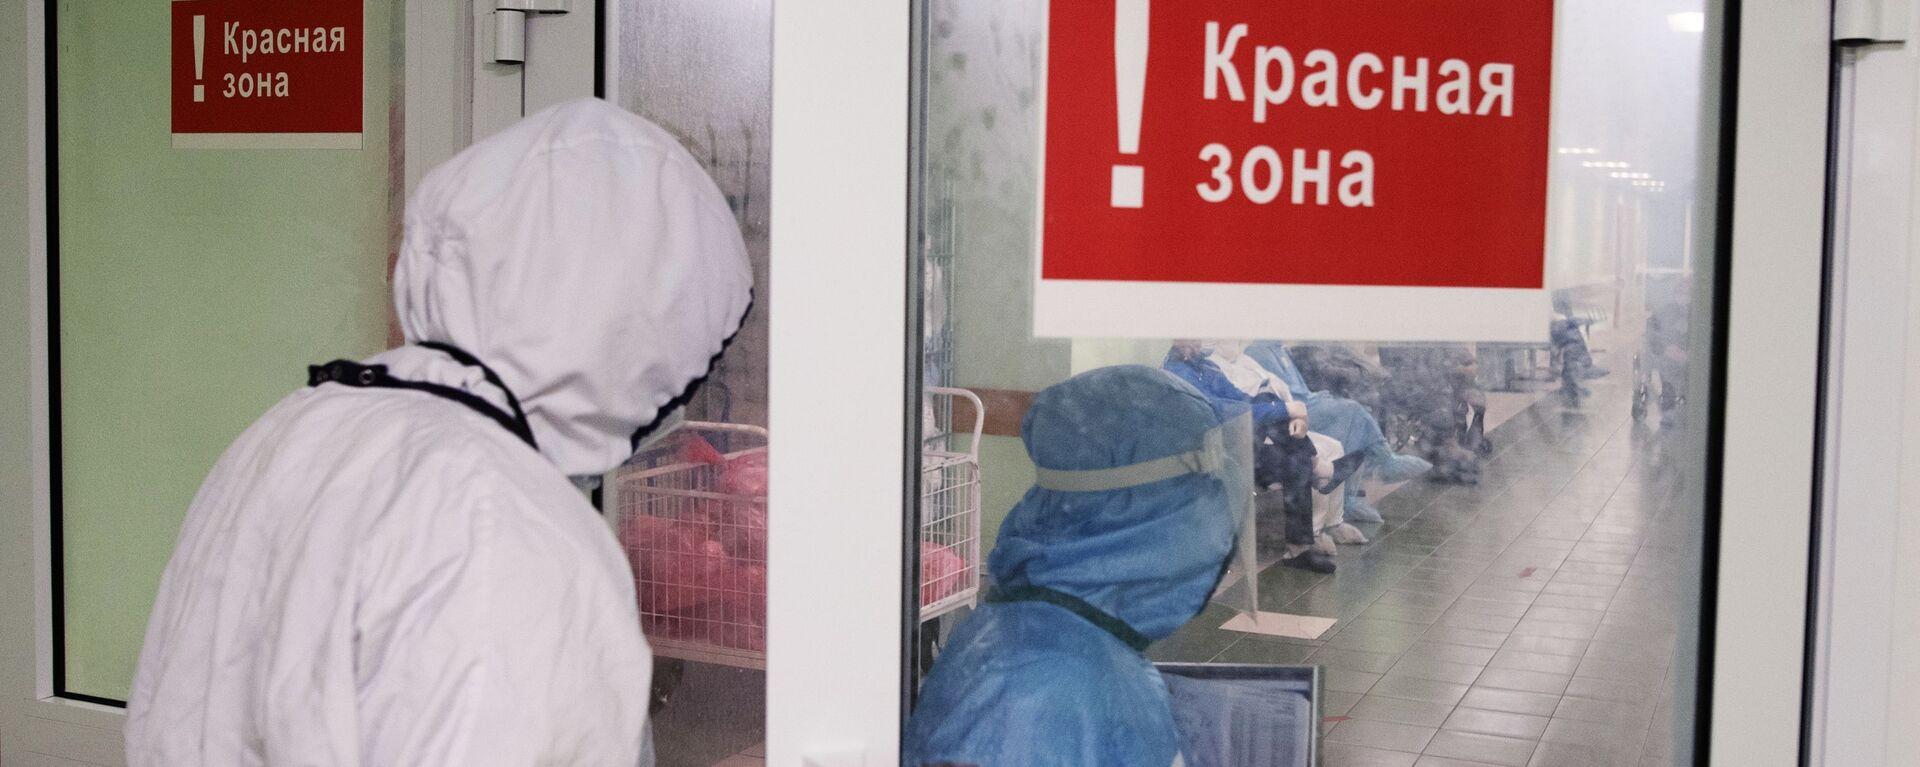 Медицинские сотрудники входят в красную зону городской клинической больницы - Sputnik Узбекистан, 1920, 11.10.2021